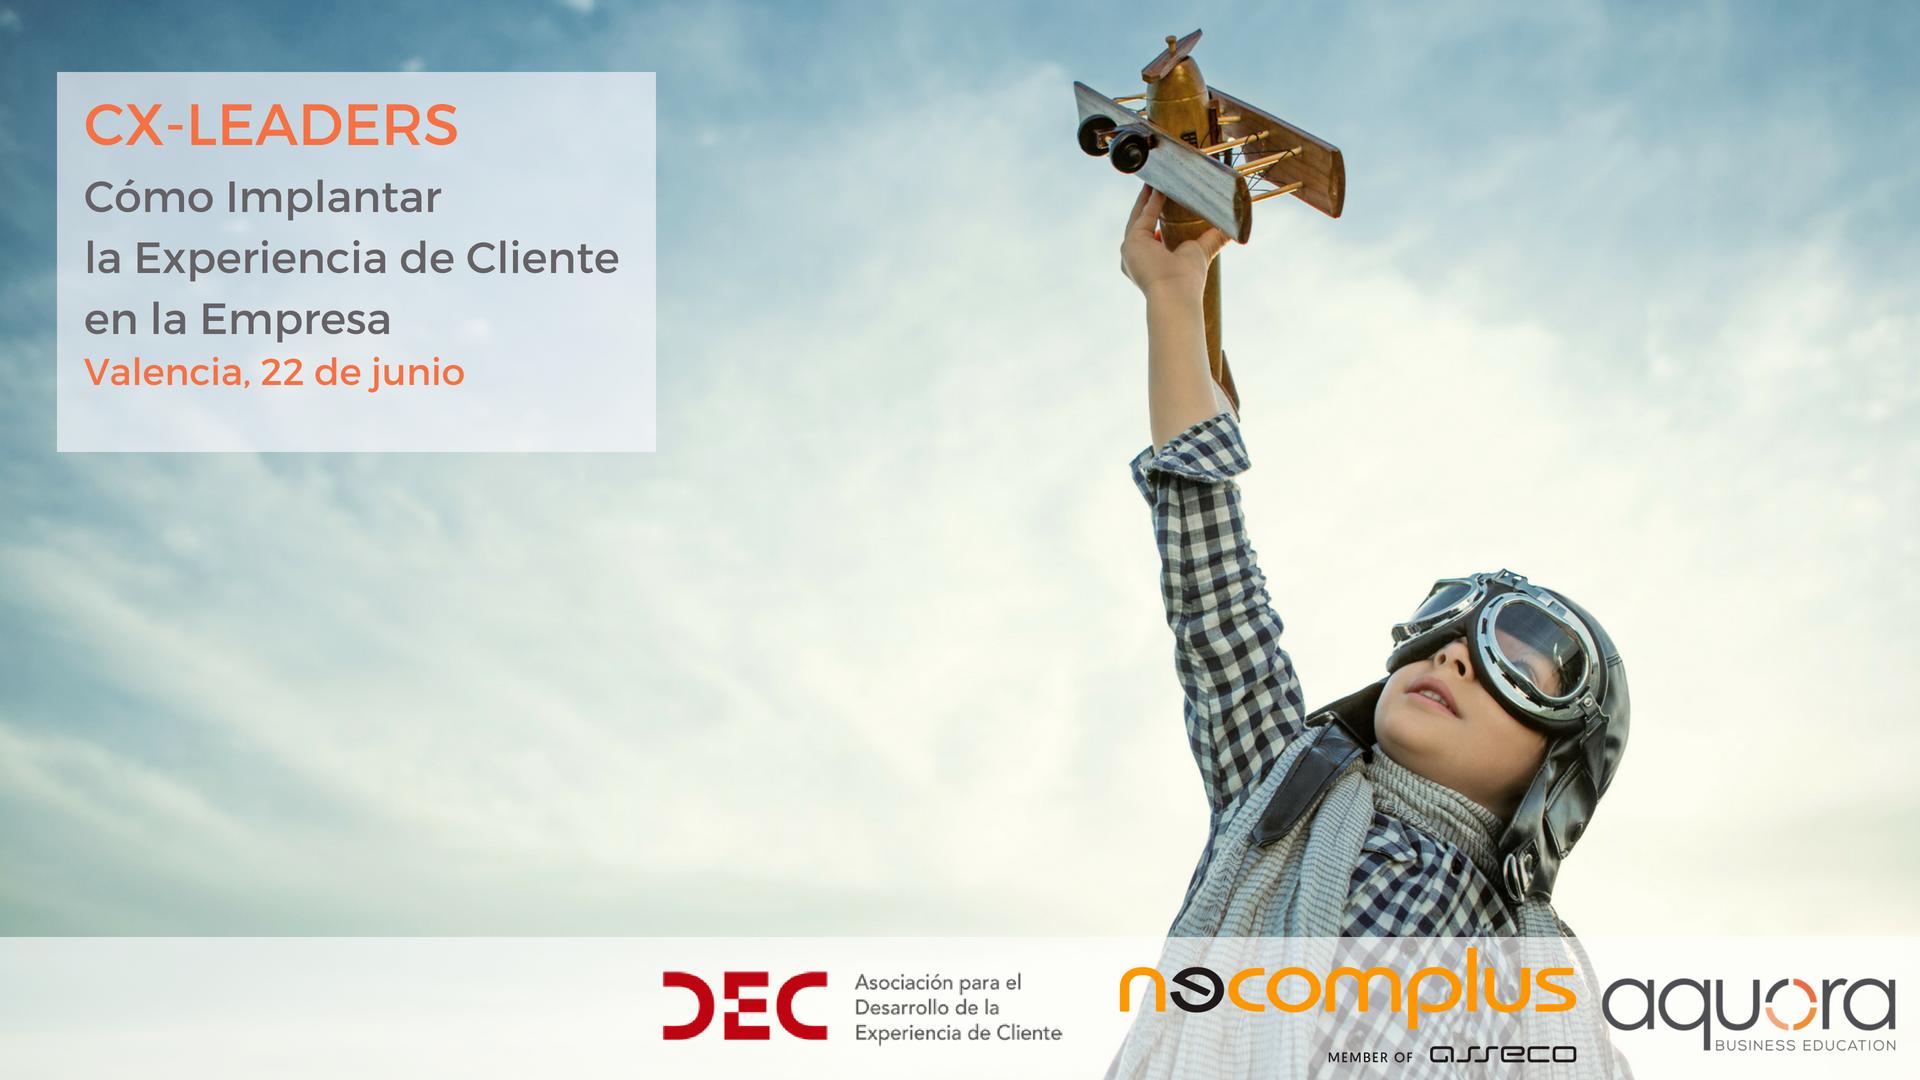 cx leaders experiencia cliente valencia